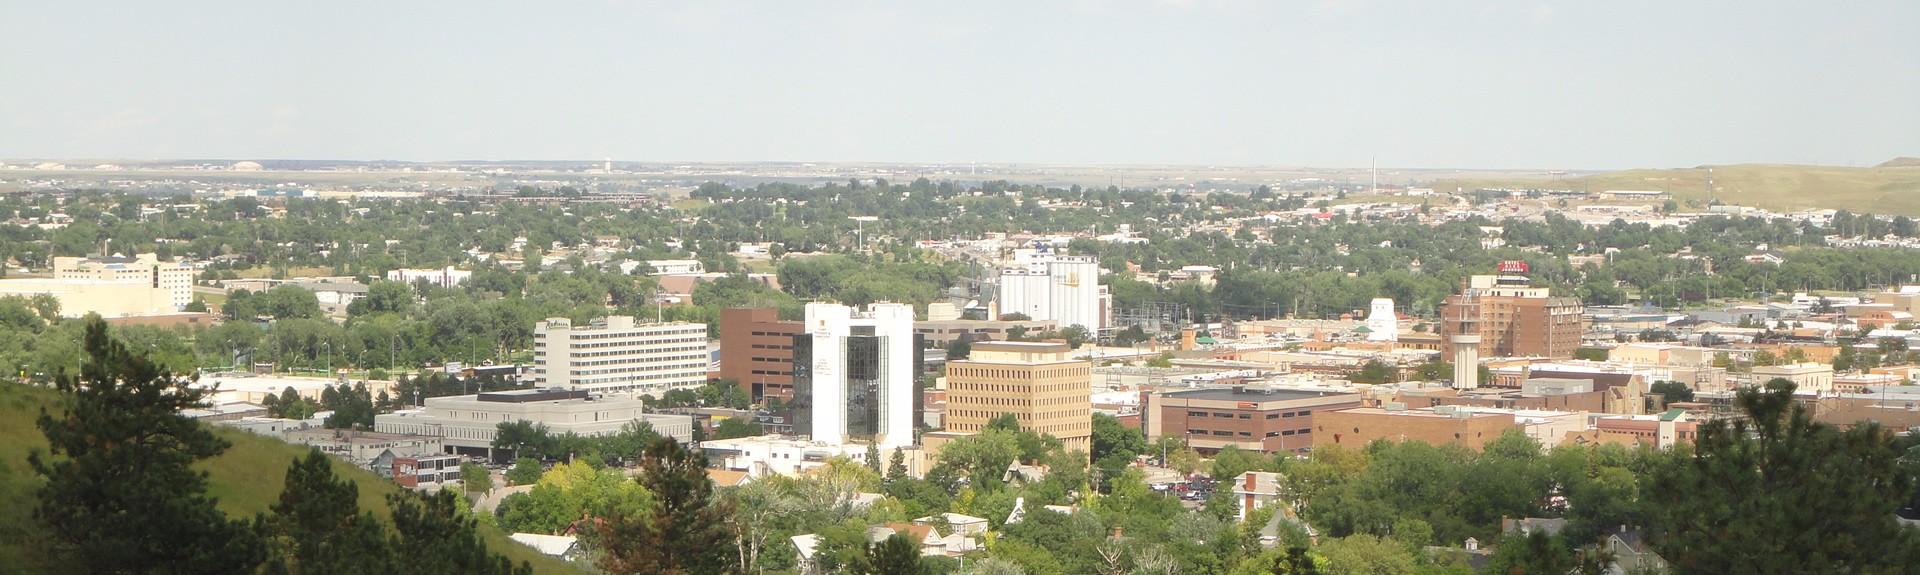 Rapid City view 1920×575